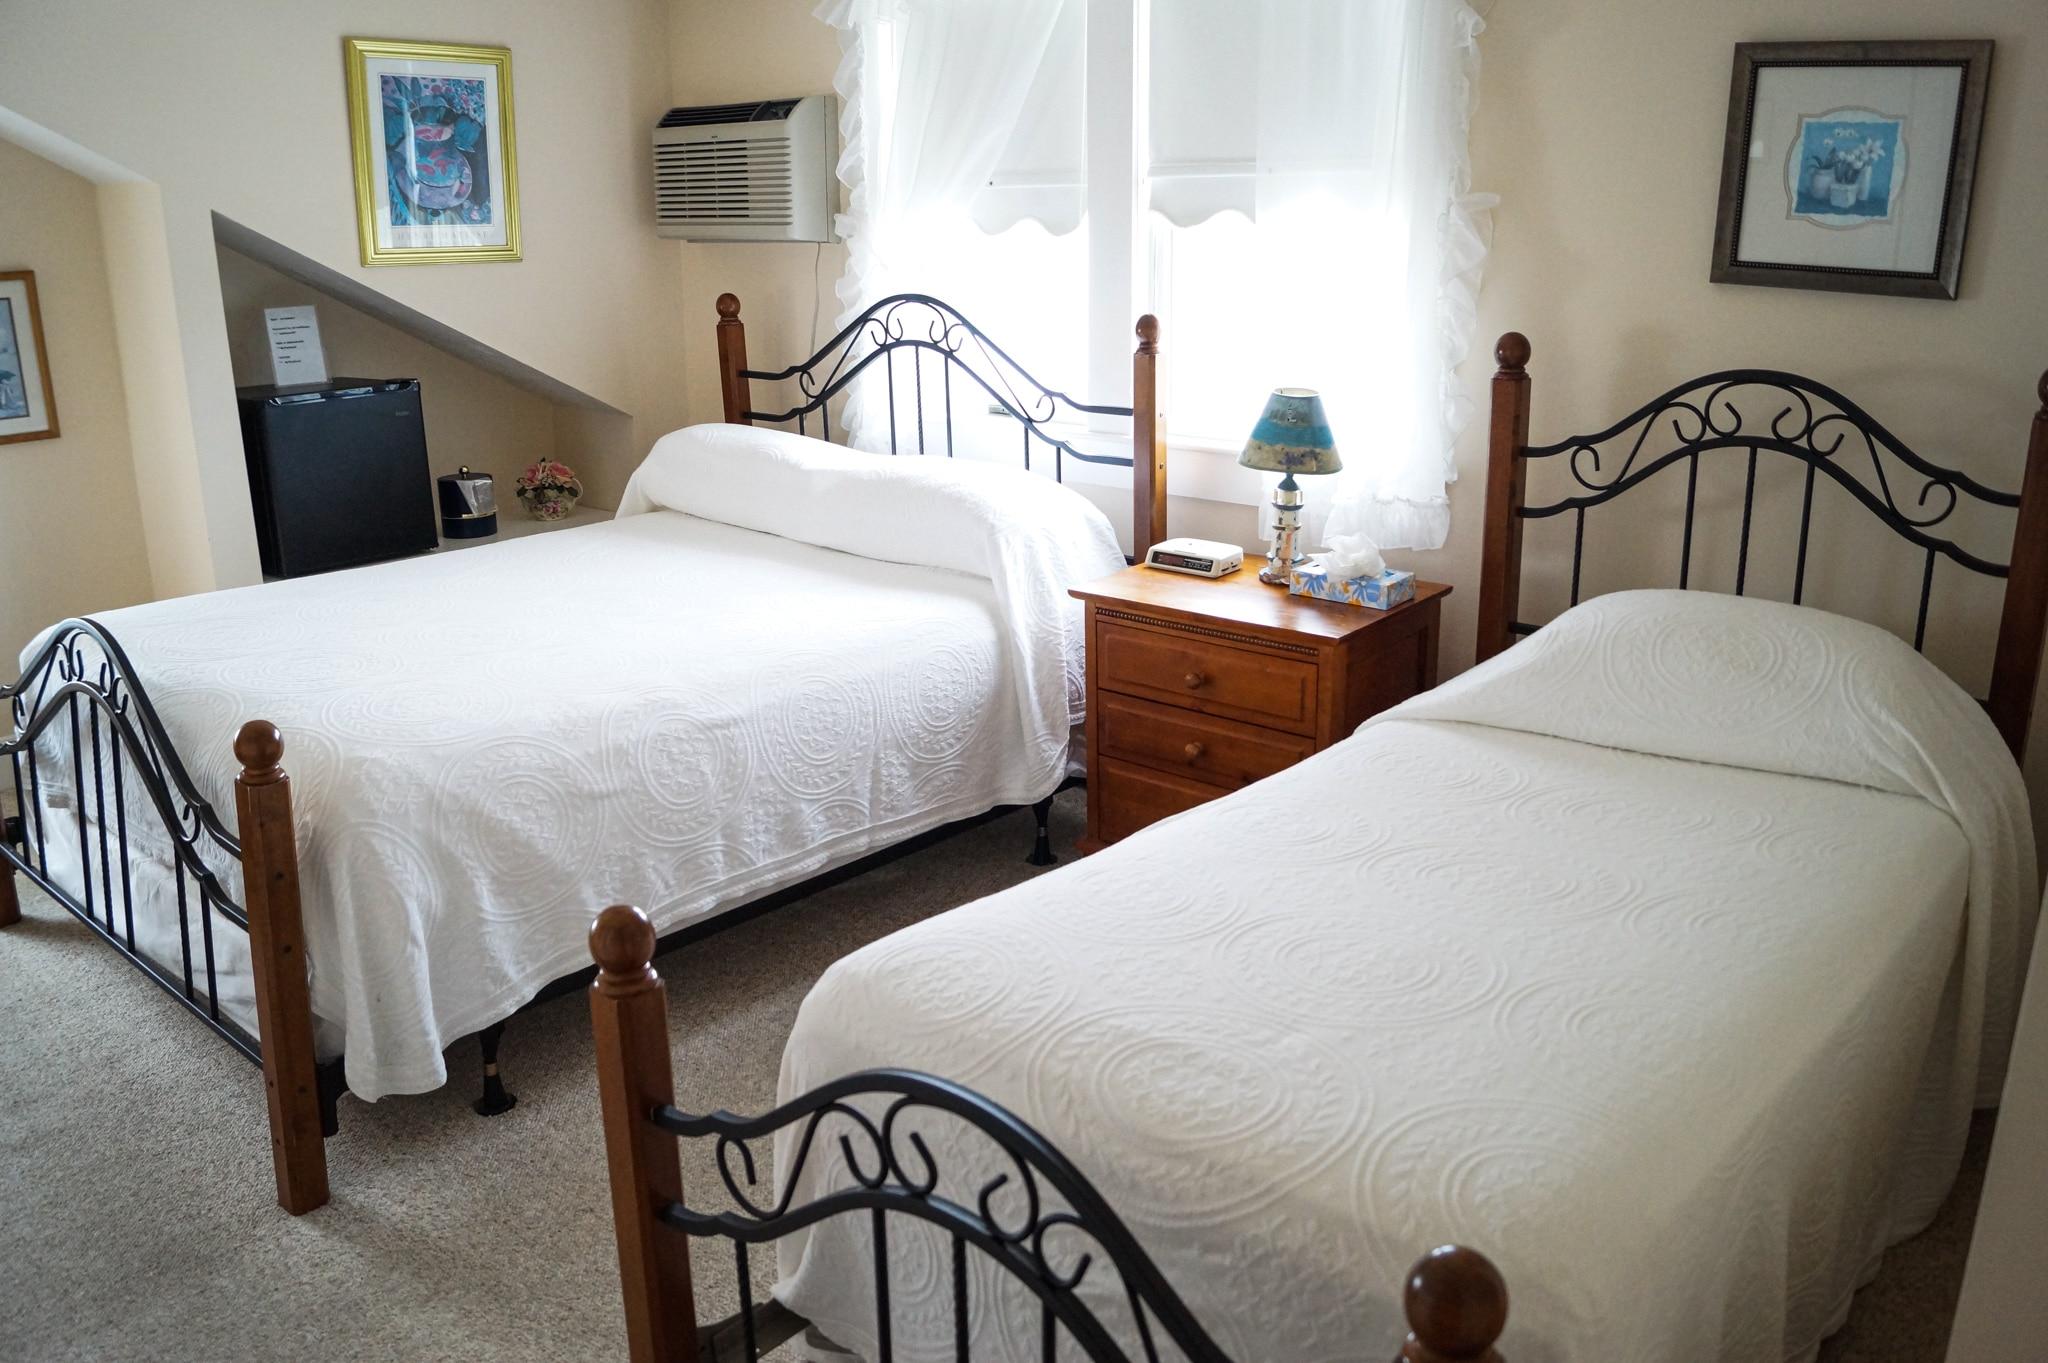 Room #308